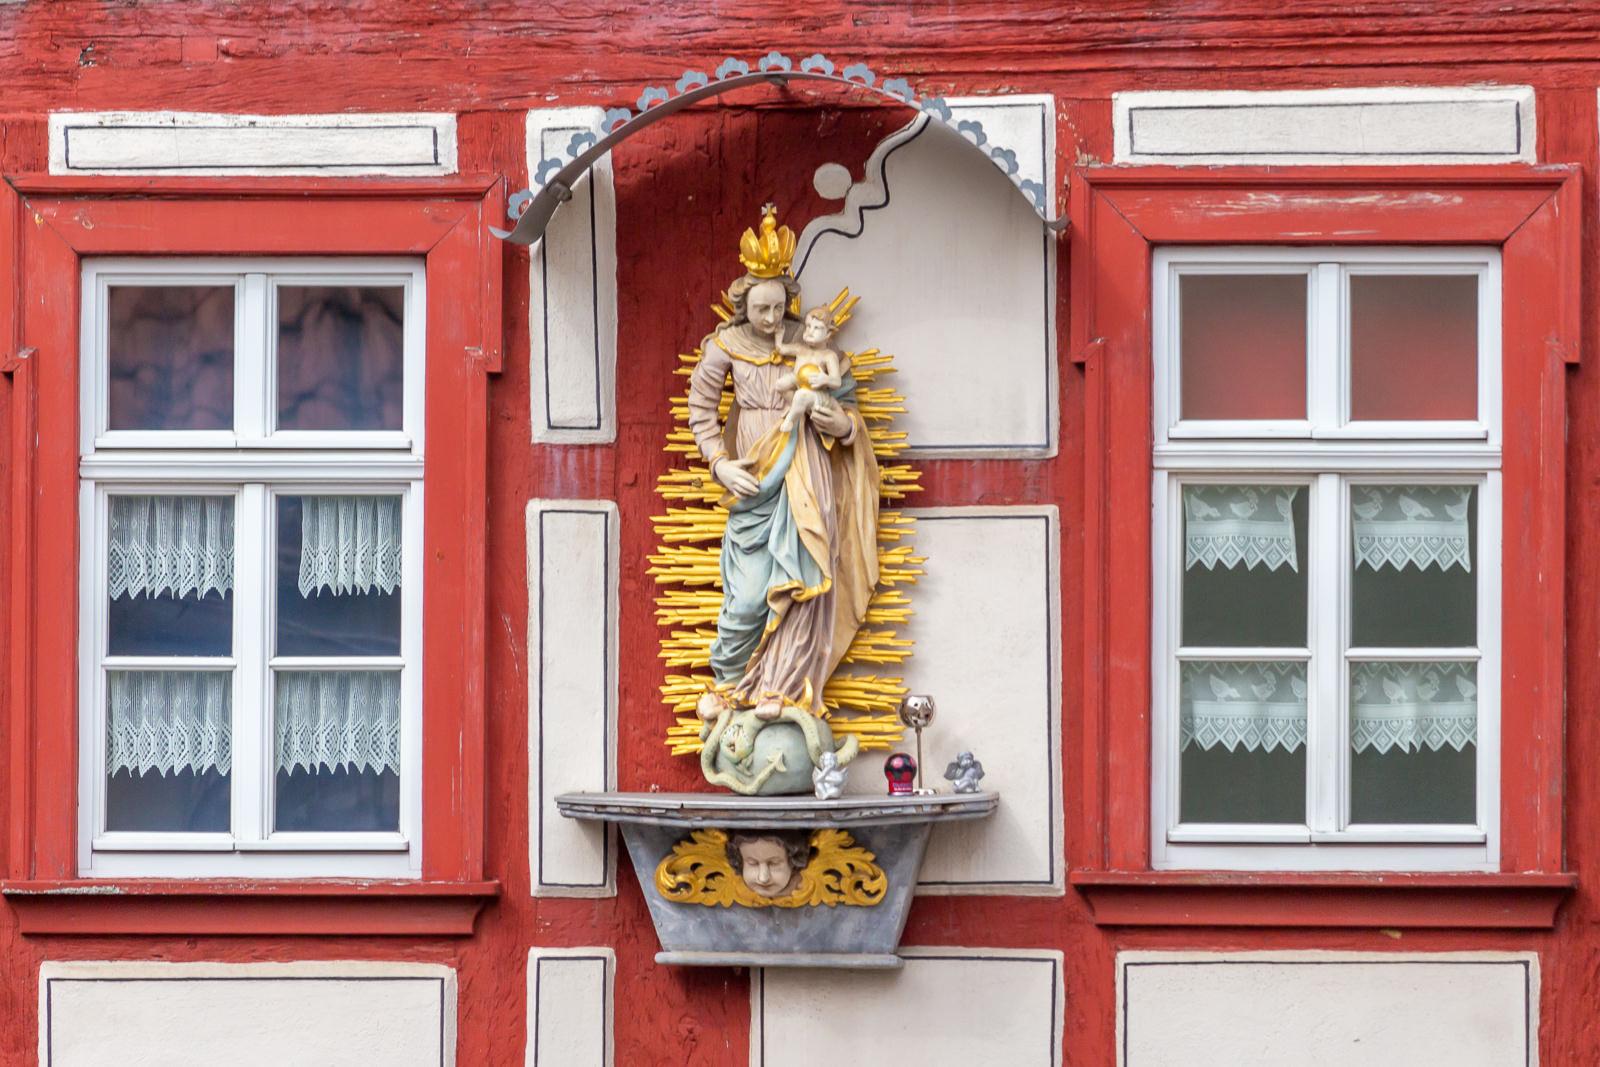 Iphofen, Weinort, Fränkisches Weinland, Unterfranken, Franken, Bayern, Fraenkisches Weinland